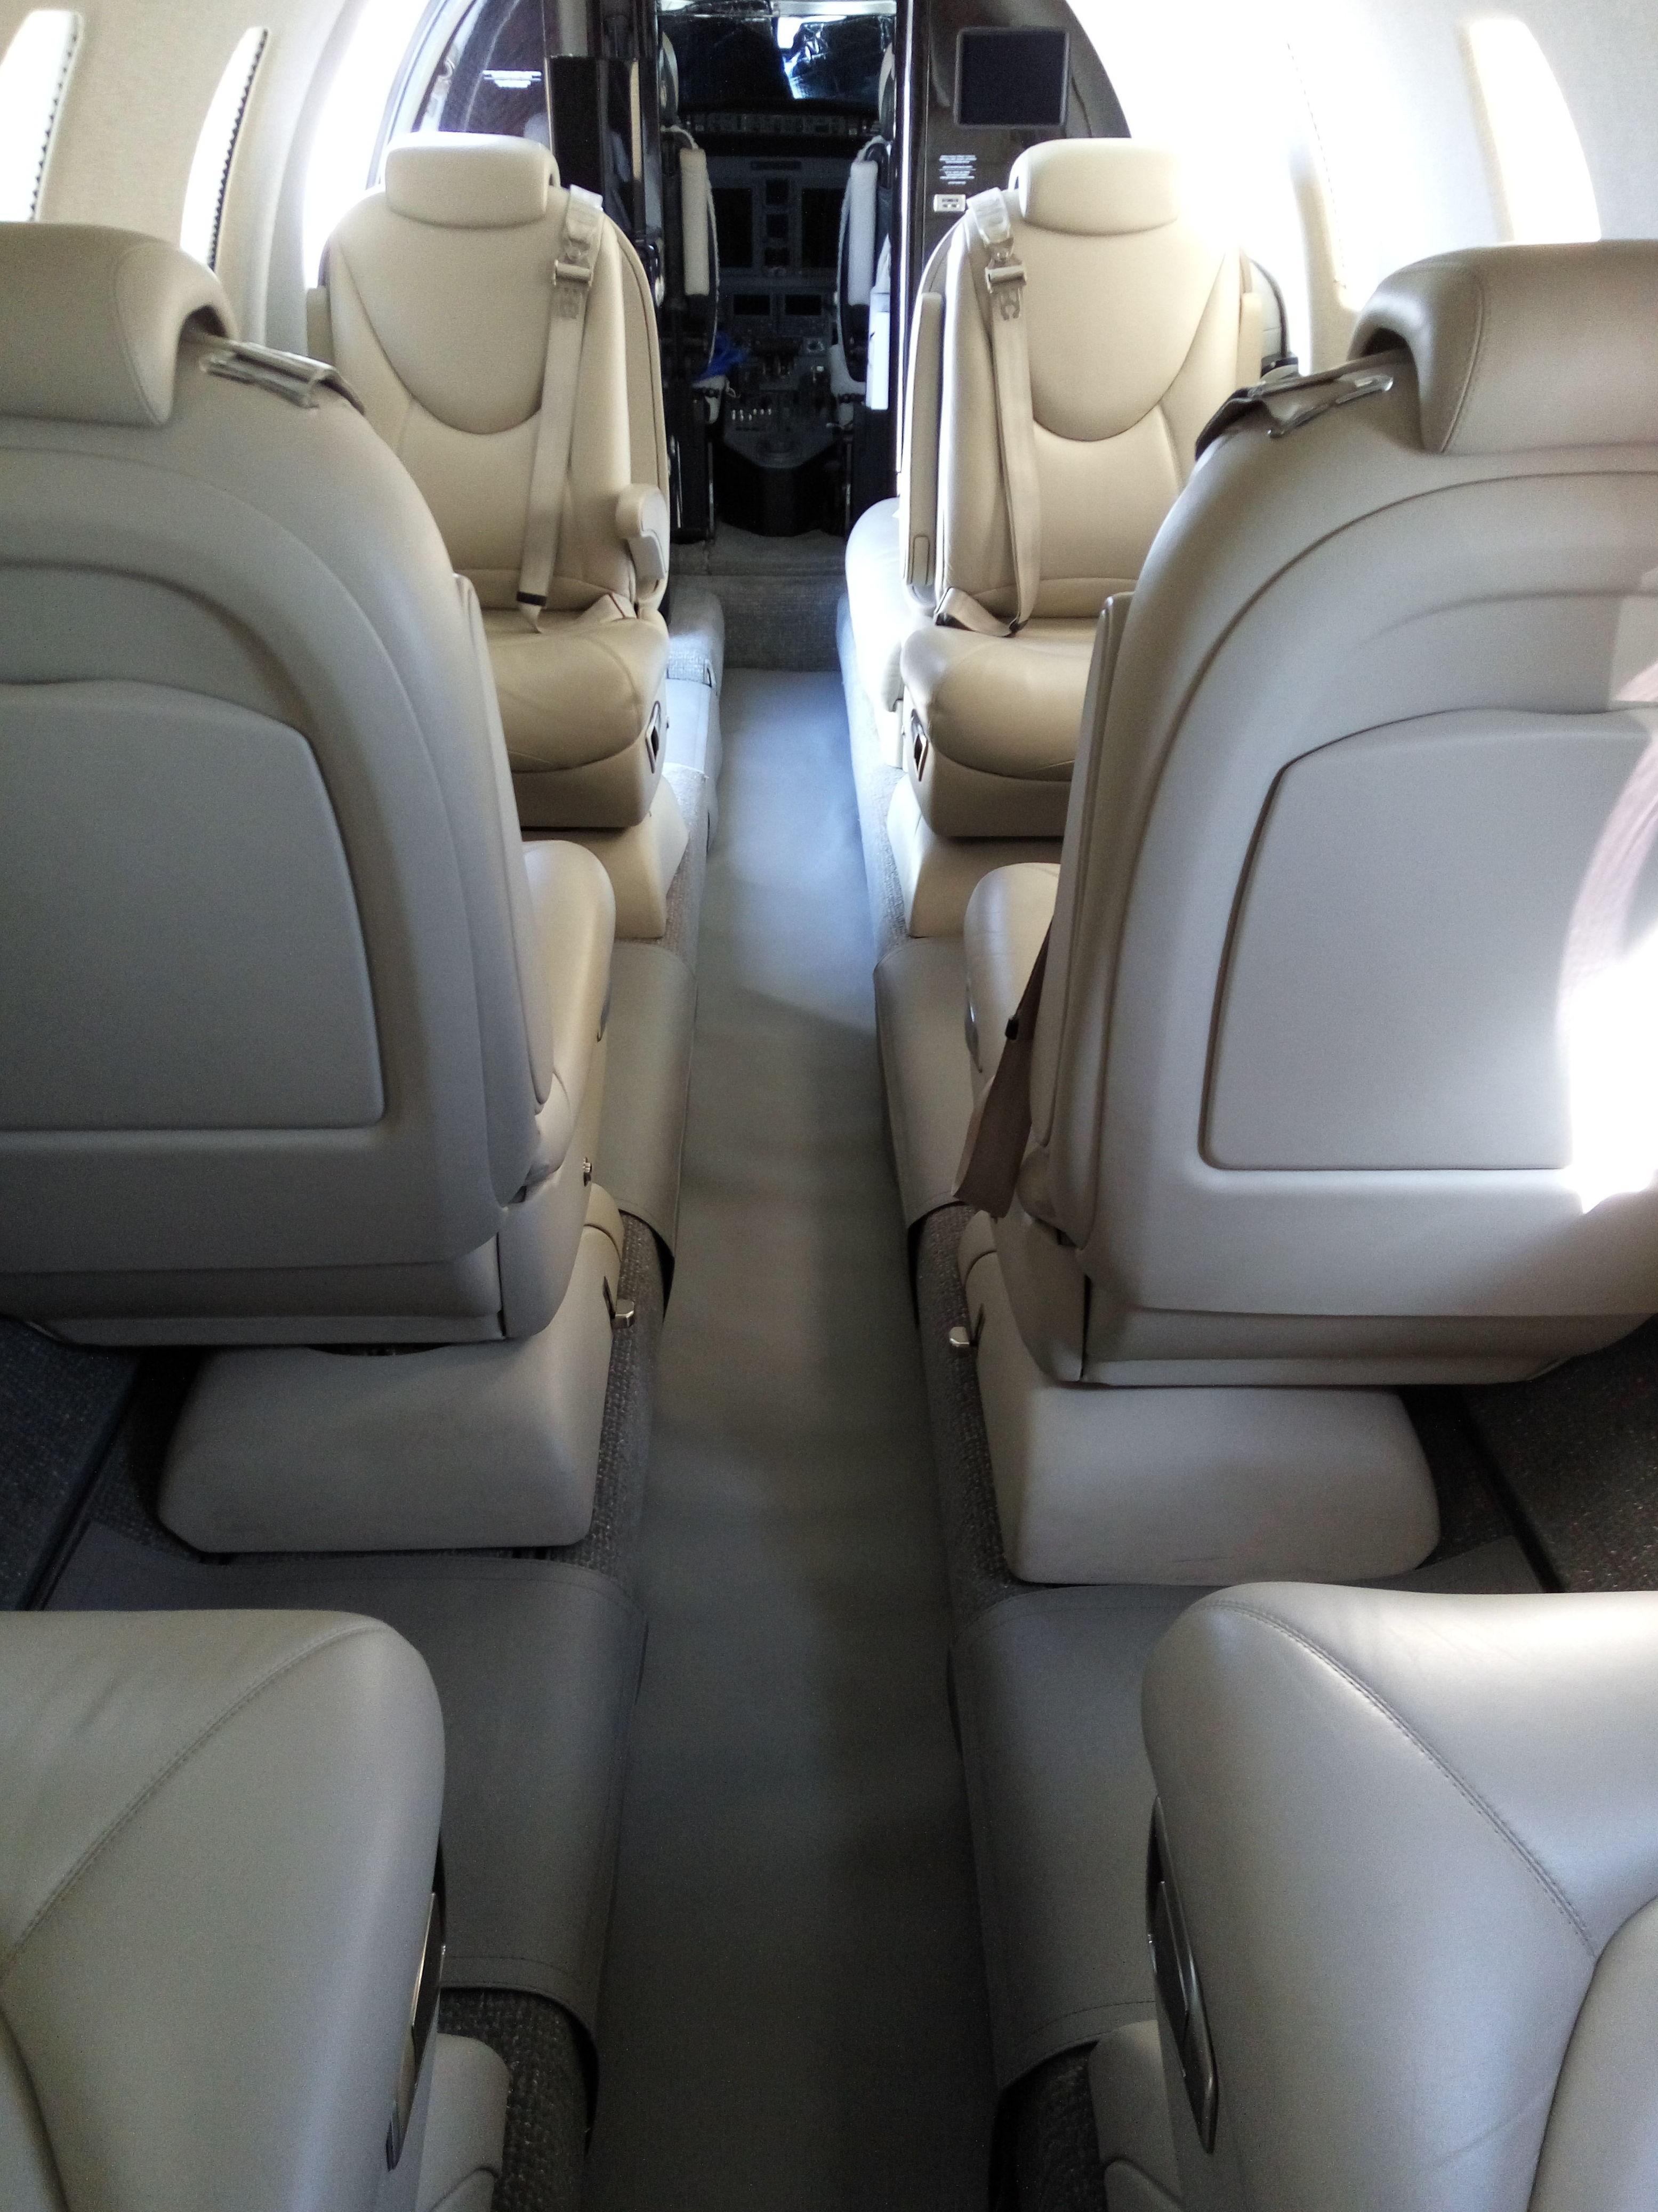 Foto 21 de Mantenimiento del interior de aeronaves en Madrid | AERONÁUTICA GESTIÓN